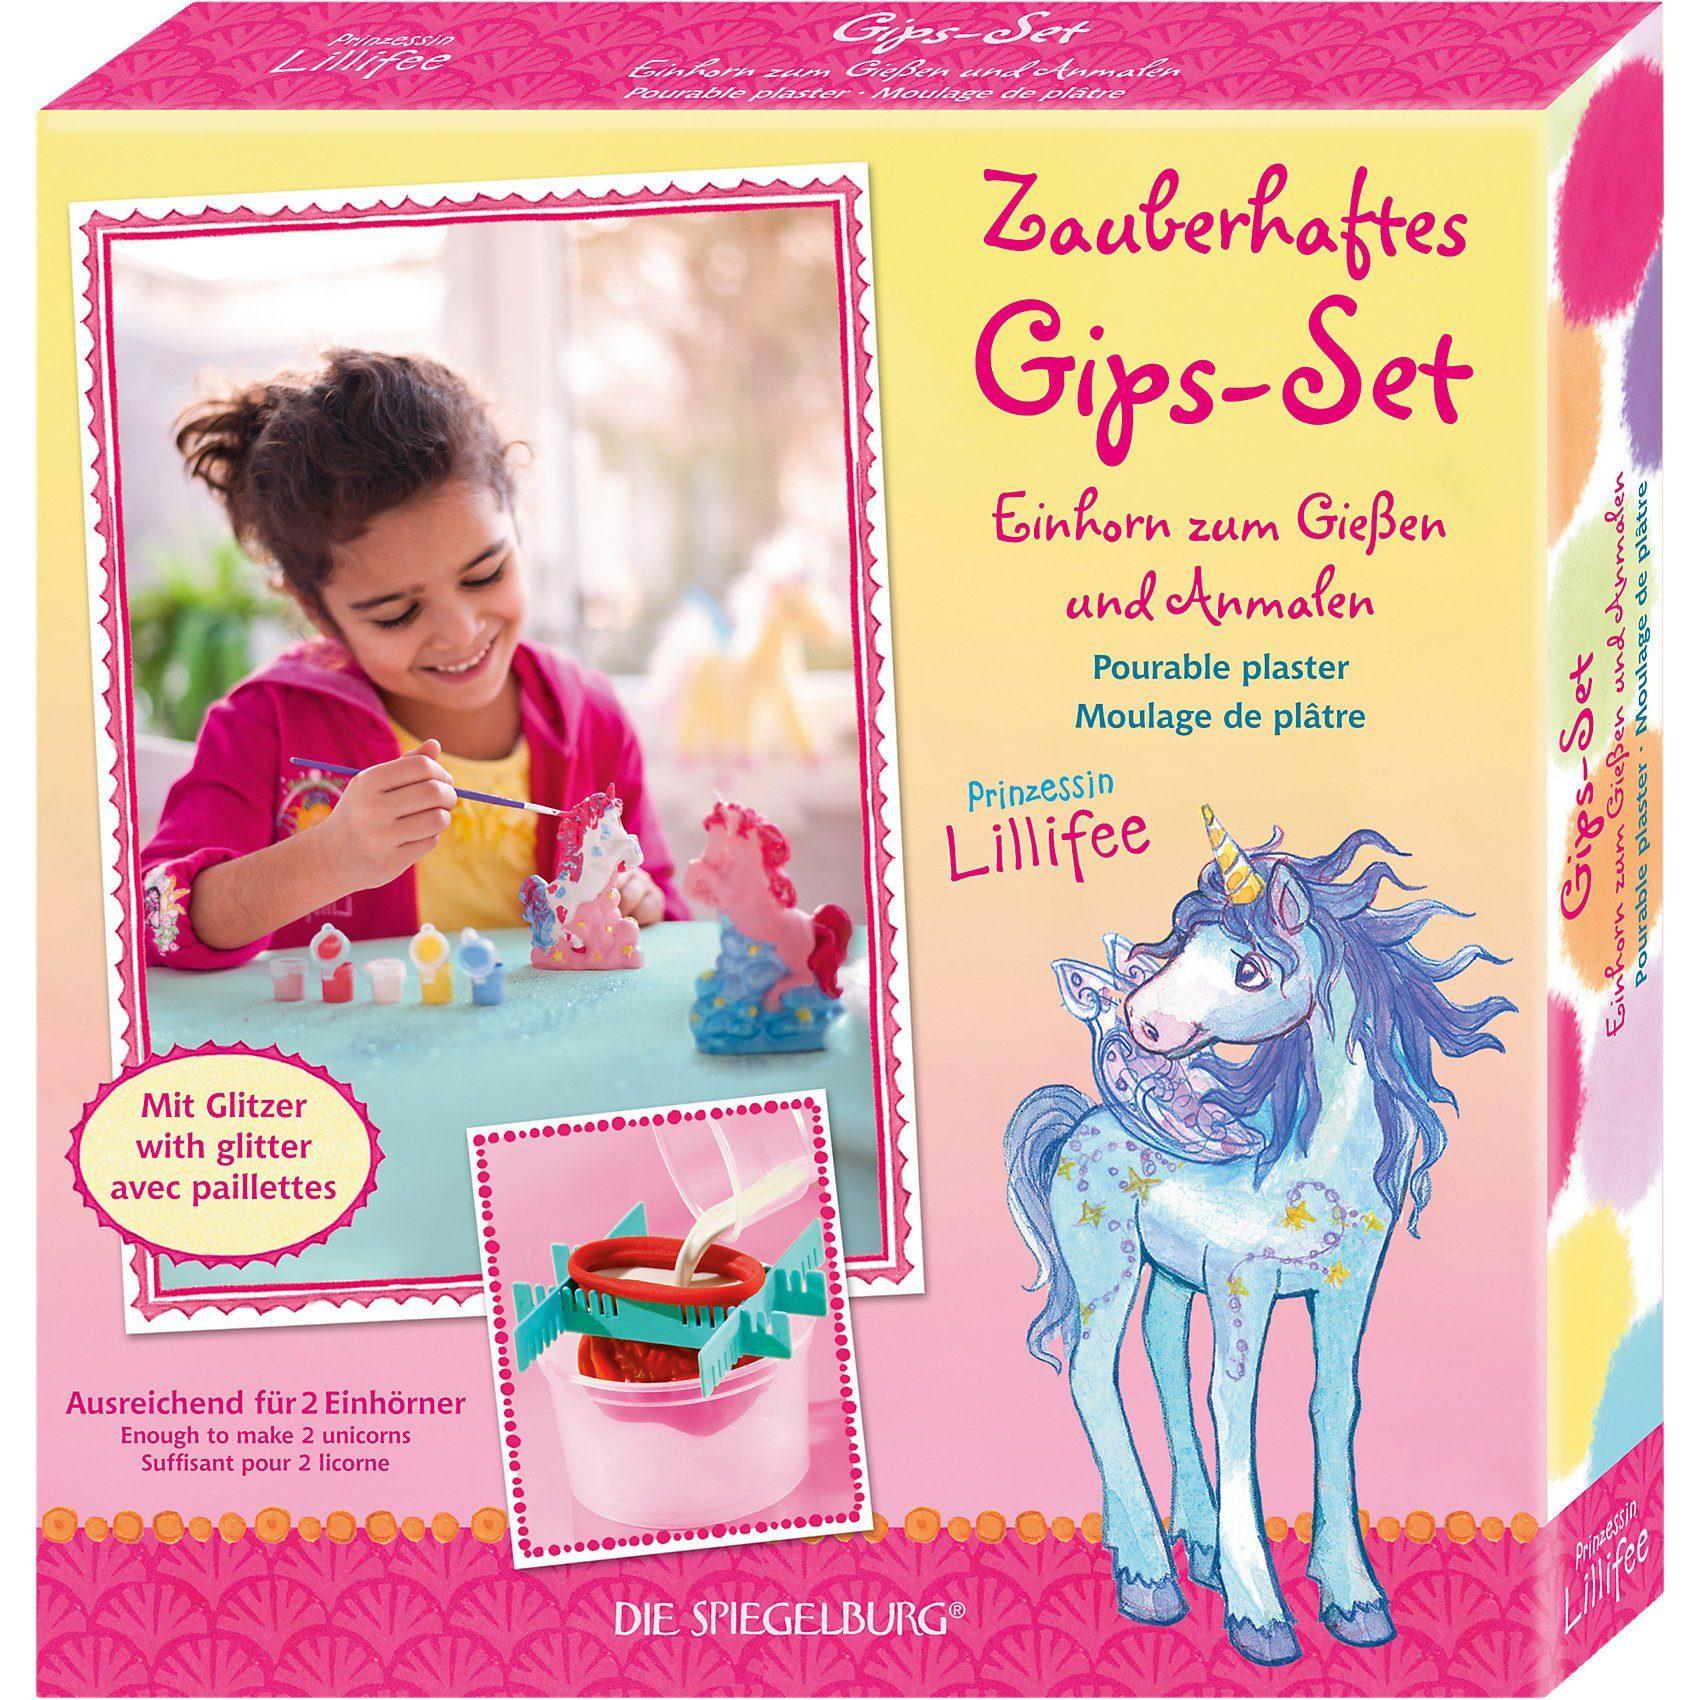 Spiegelburg Gips-Set Einhorn zum Gießen & Anmalen mit Glitzer Prinzessin